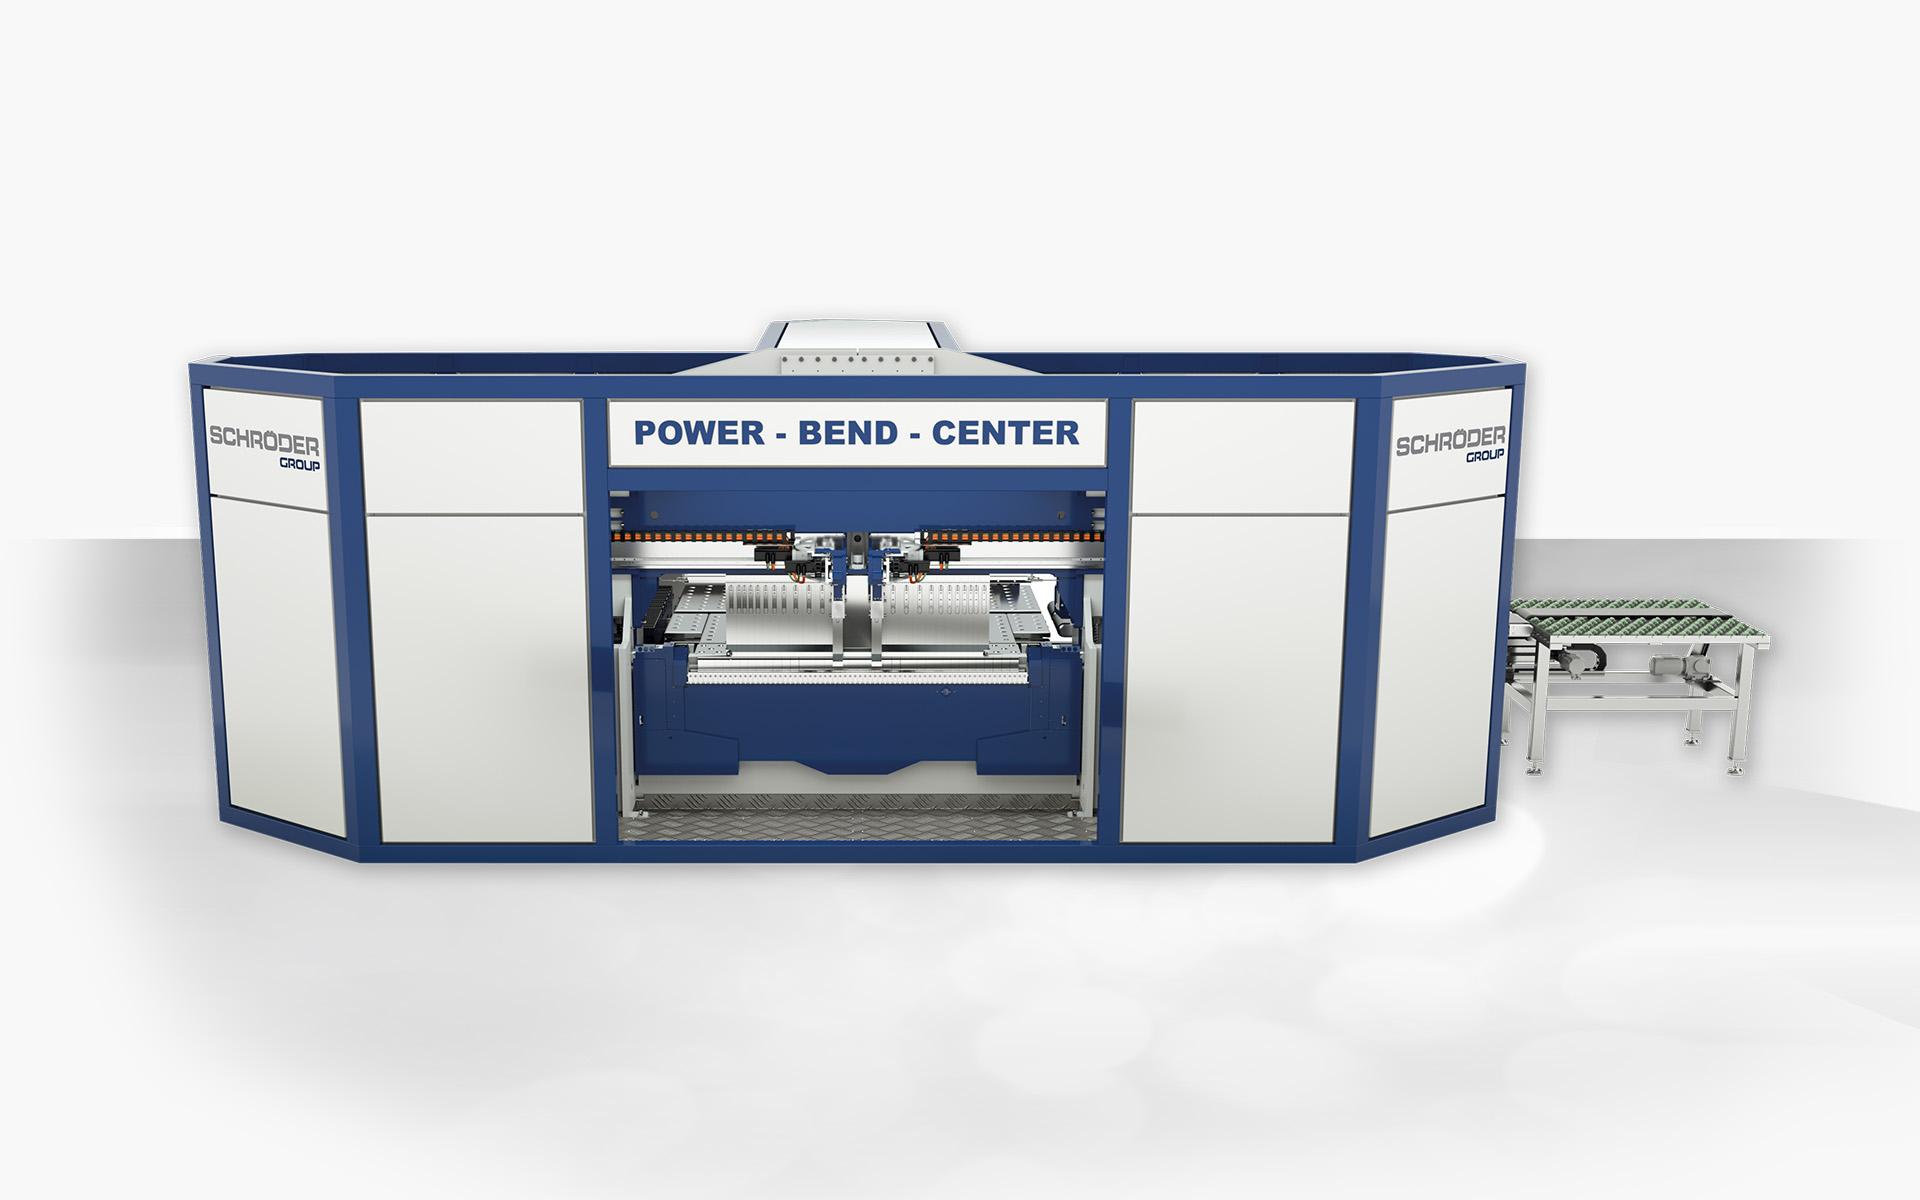 bending_center